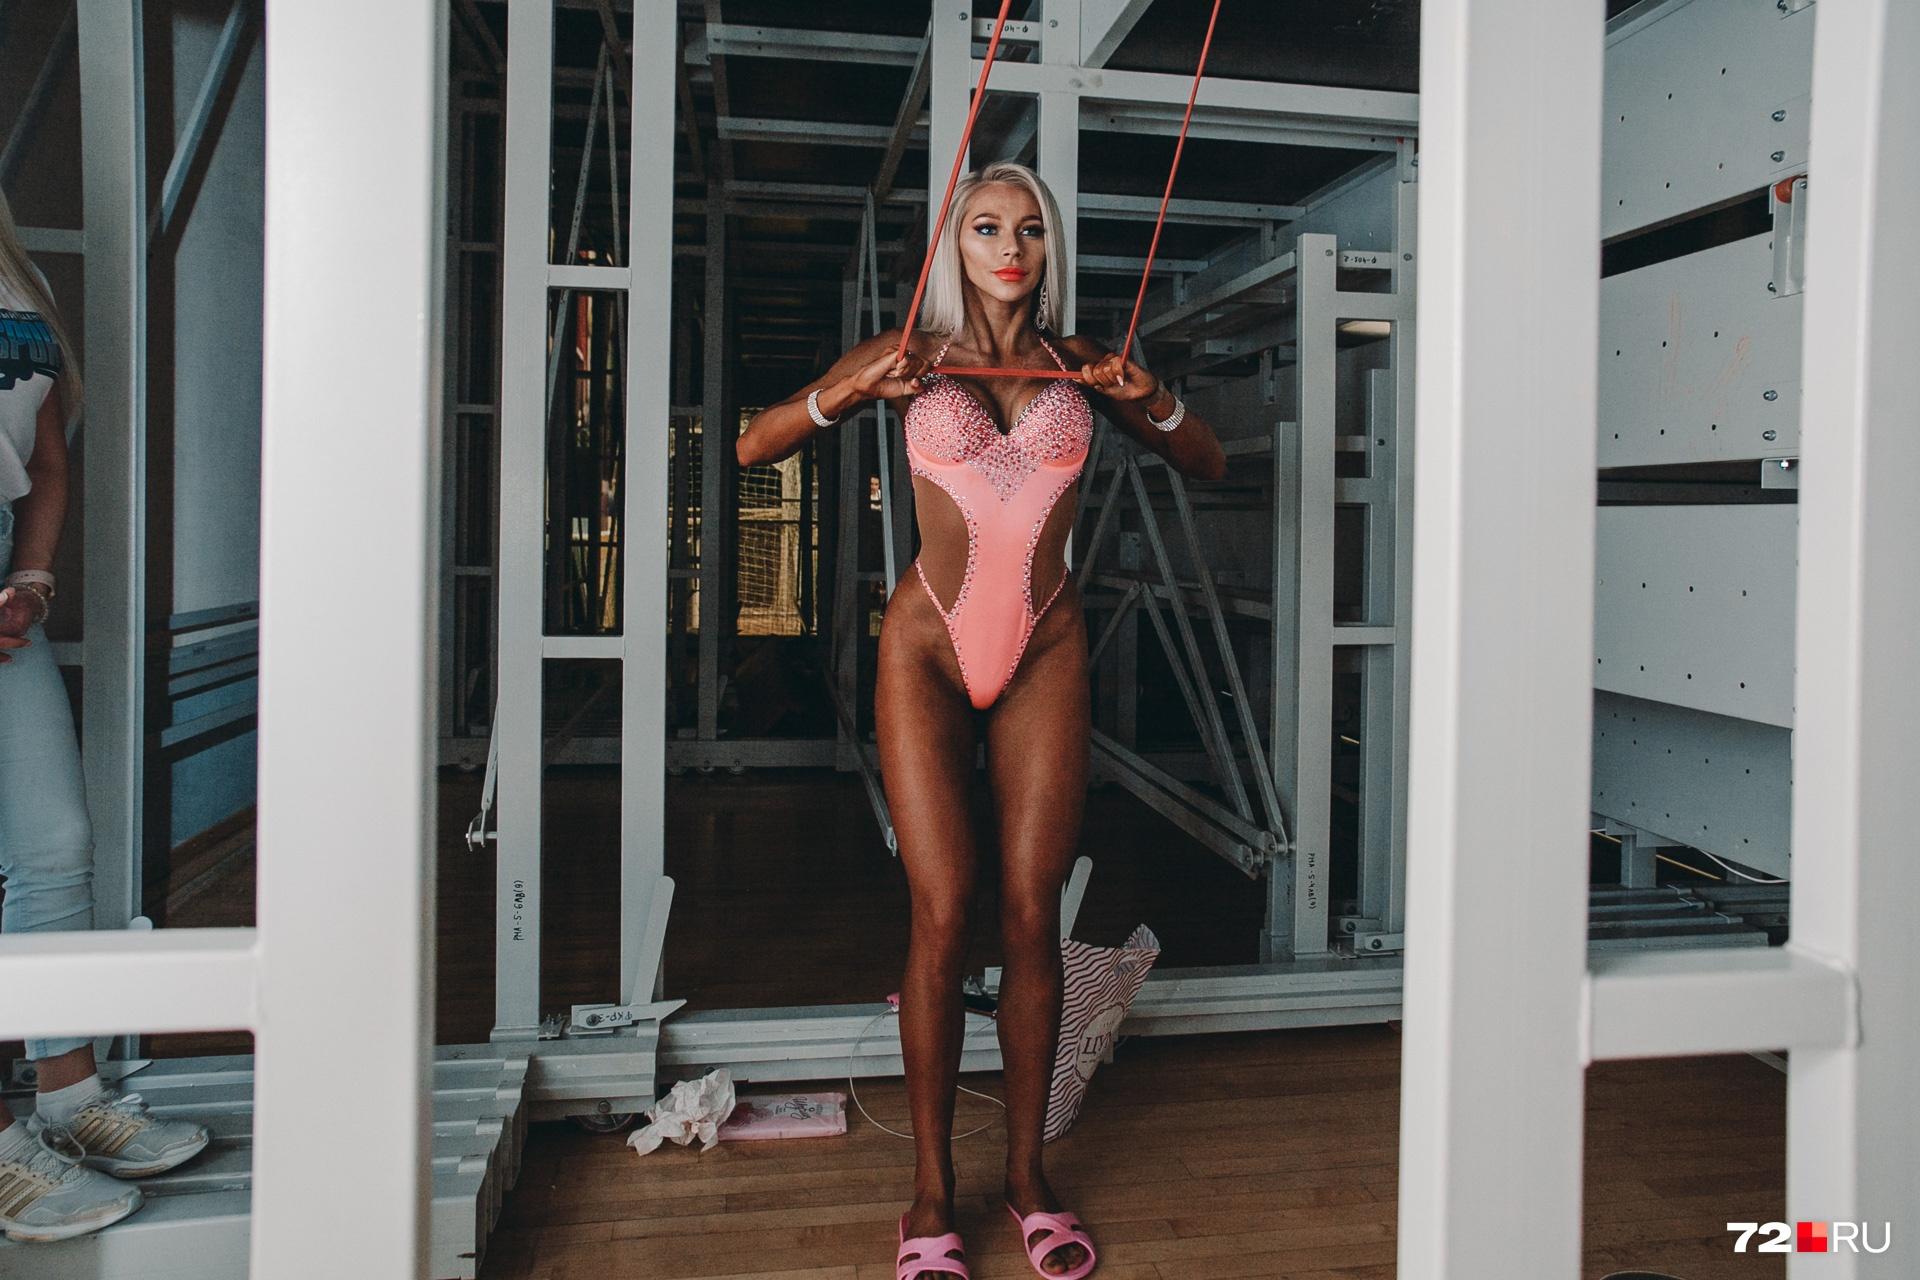 Вот еще одна девушка приводит свои формы в порядок с помощью гимнастических резинок